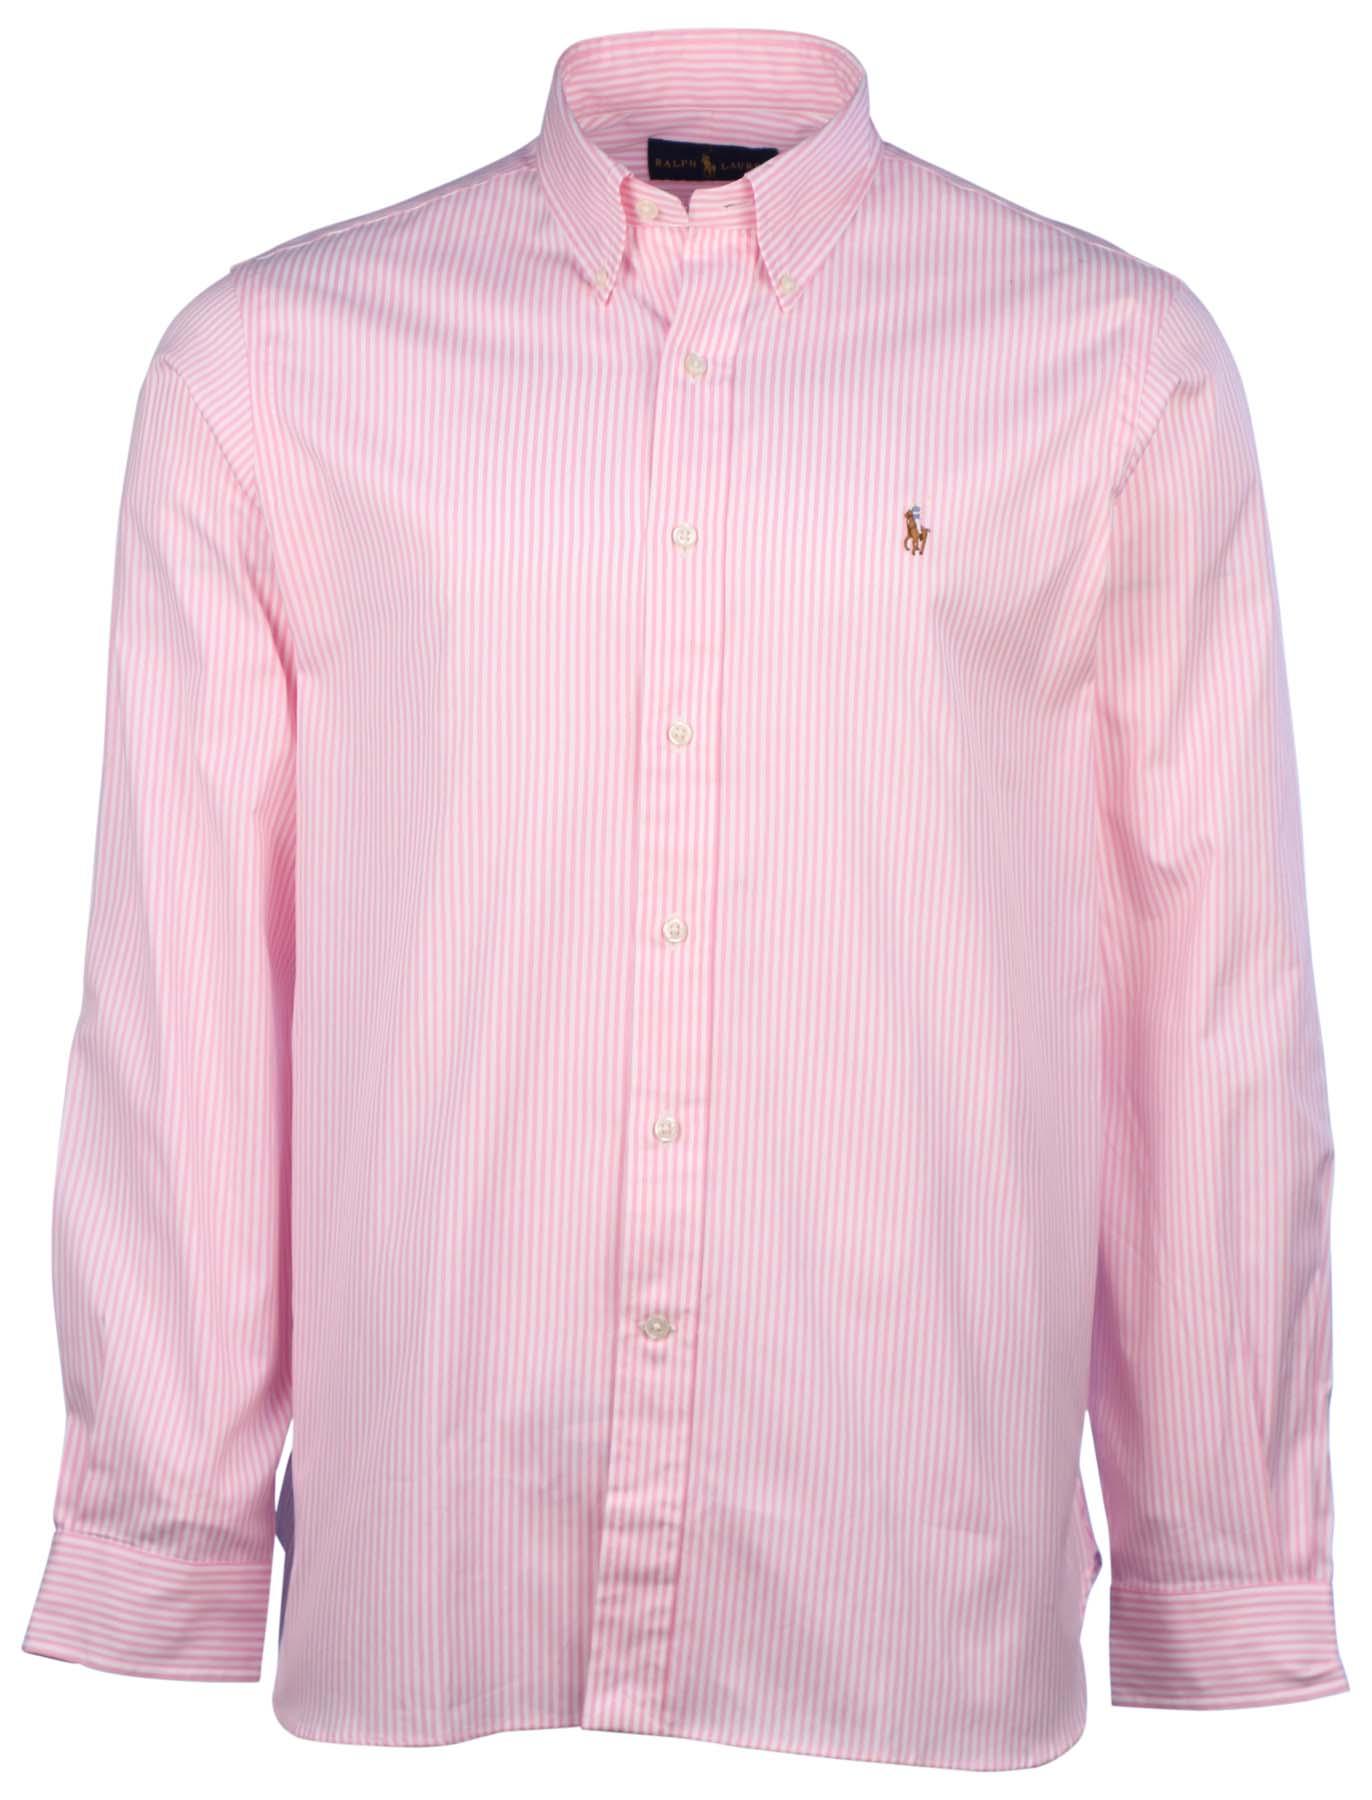 Polo ralph lauren men 39 s vertical stripe button down shirt for Pink and white ralph lauren shirt